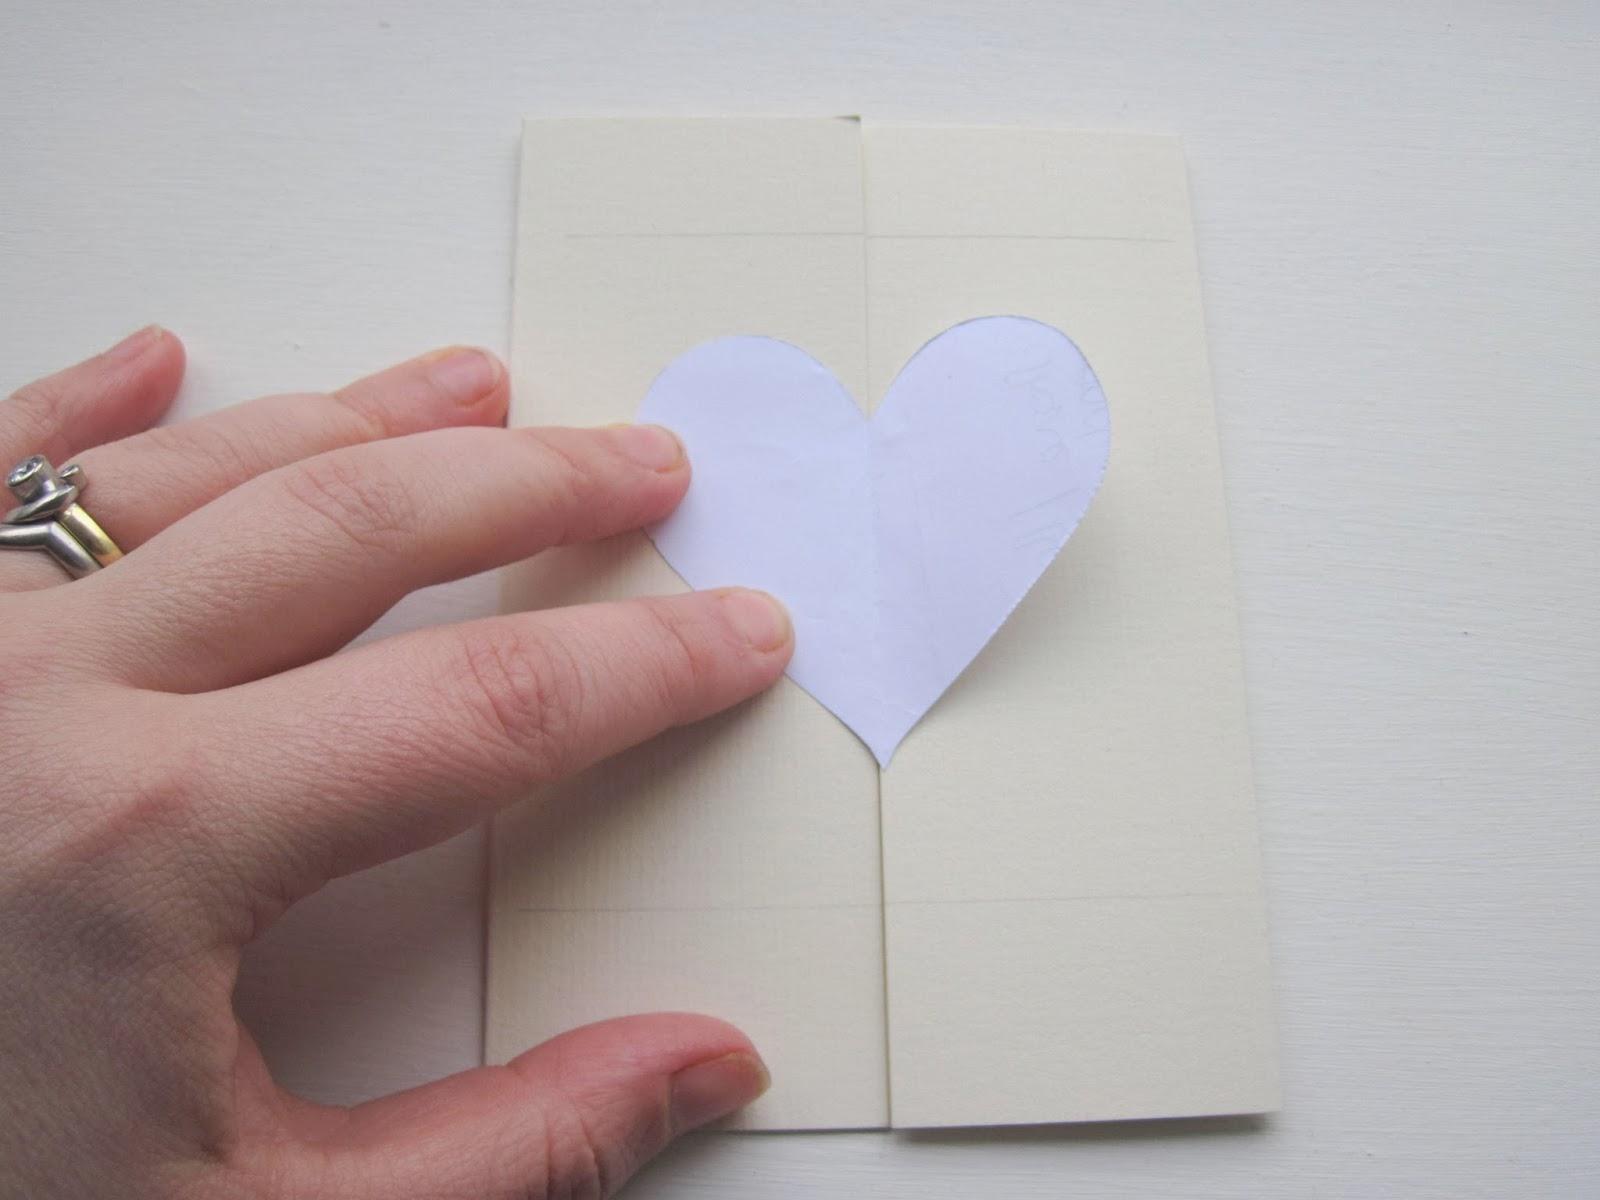 «Открытка в виде руки» карточка пользователя lala1.zorihina в 47